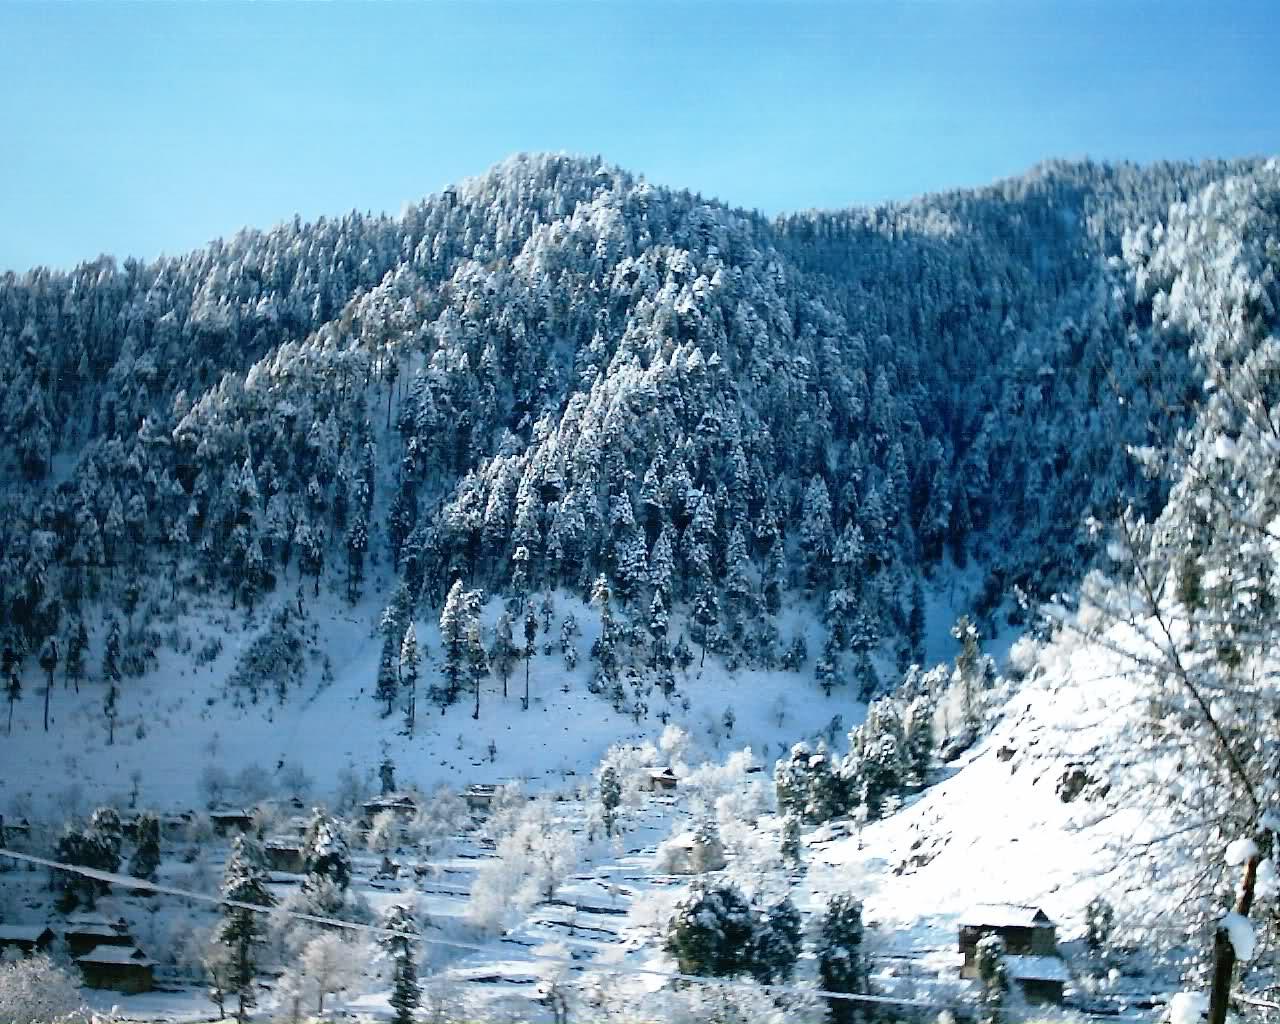 Leepa Valley in Winter